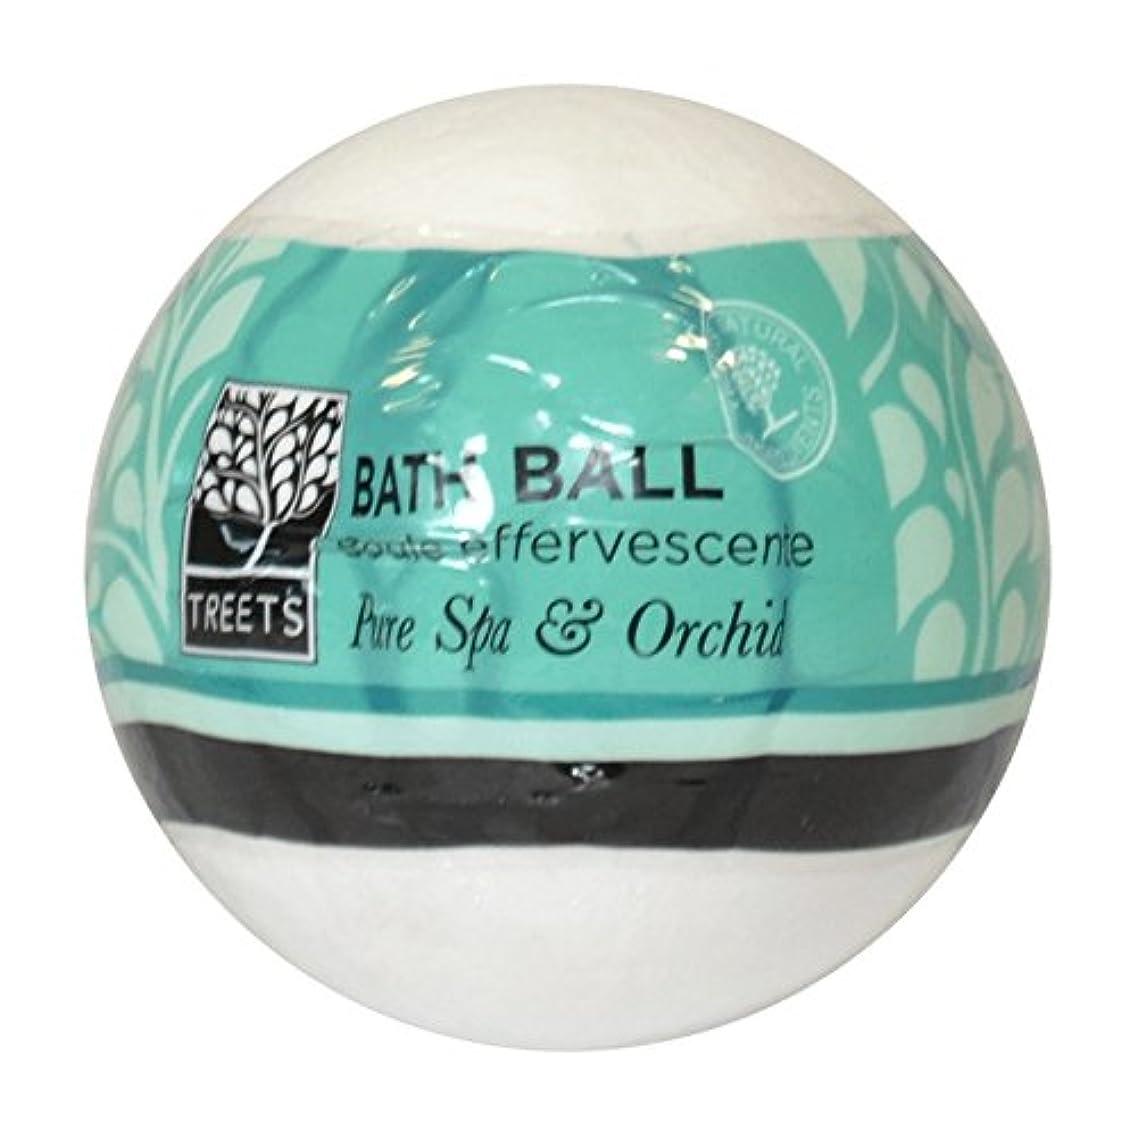 概要銀浸漬Treets Orchid & Pure Spa Bath Ball (Pack of 2) - Treets蘭&純粋なスパバスボール (x2) [並行輸入品]